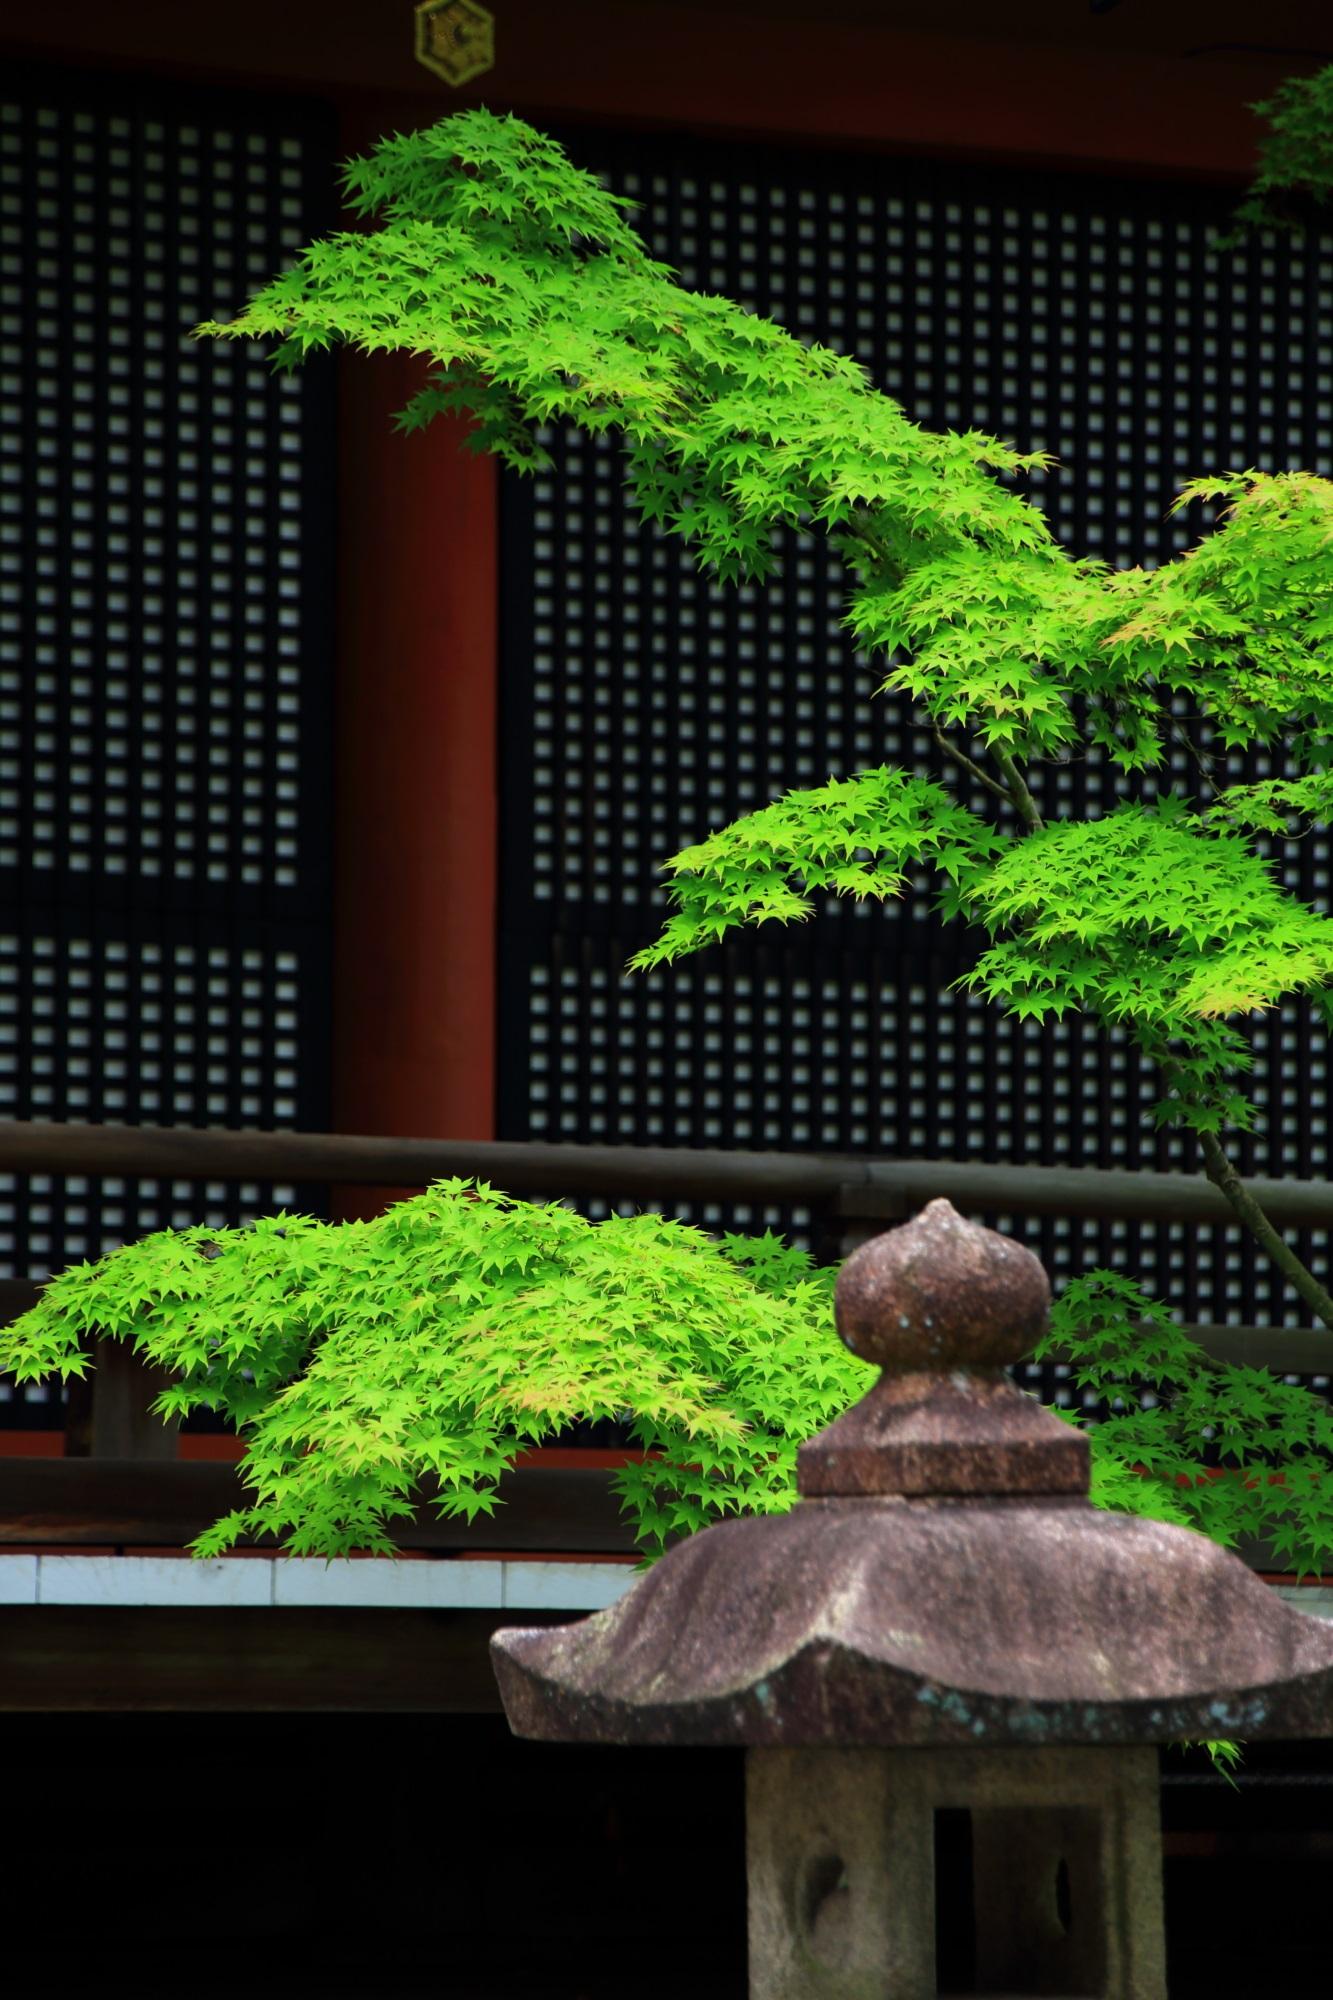 永観堂の阿弥陀堂前の灯籠と見事な青もみじ